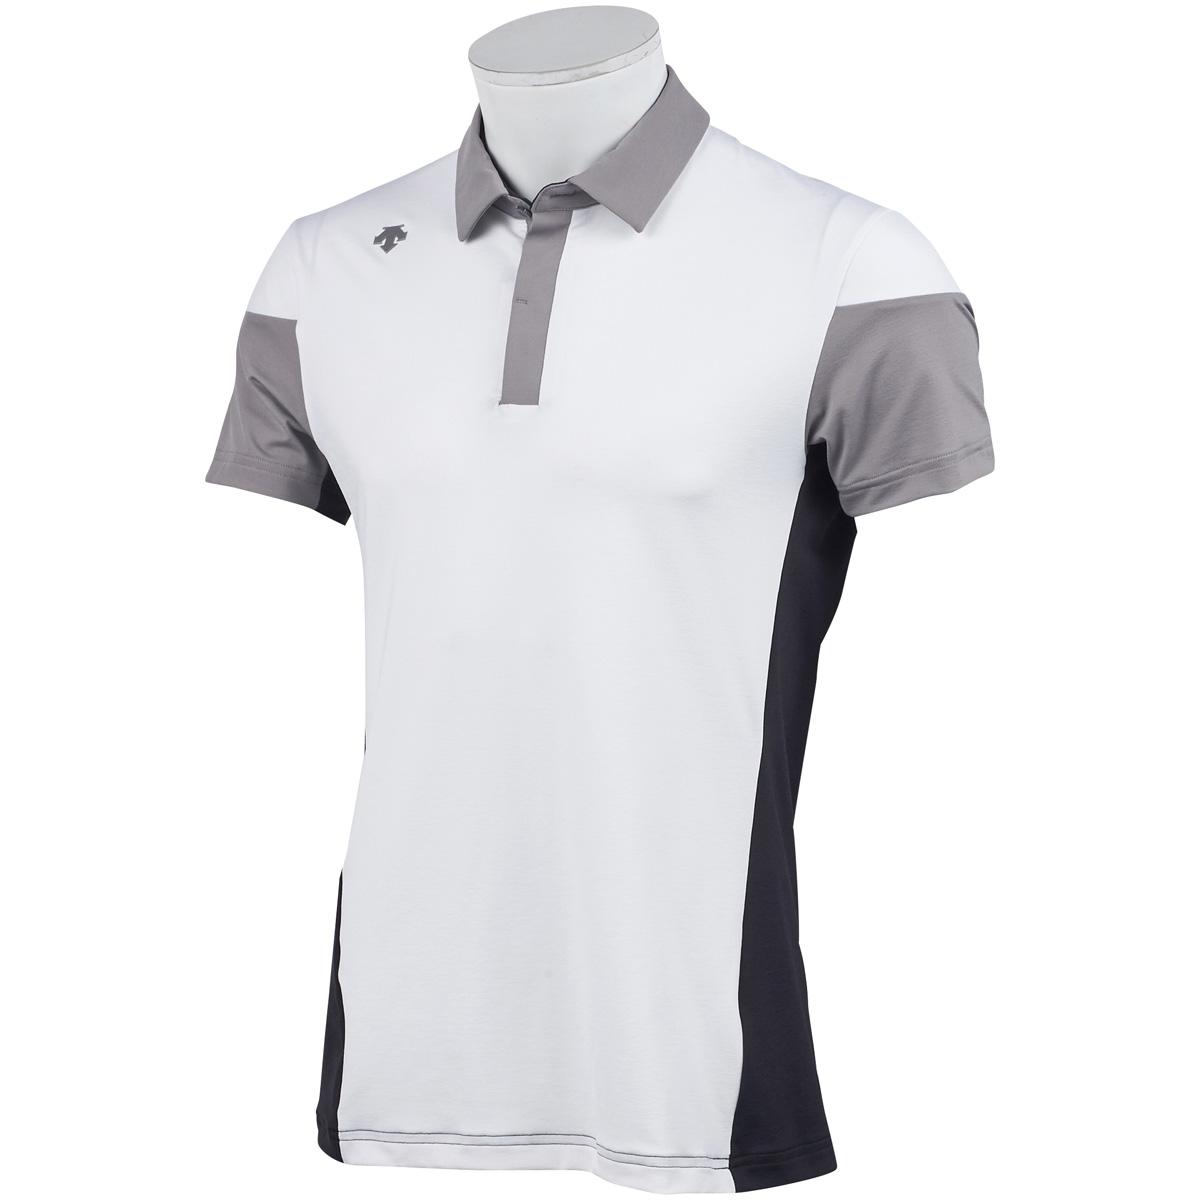 ストレッチ 半袖ポロシャツ